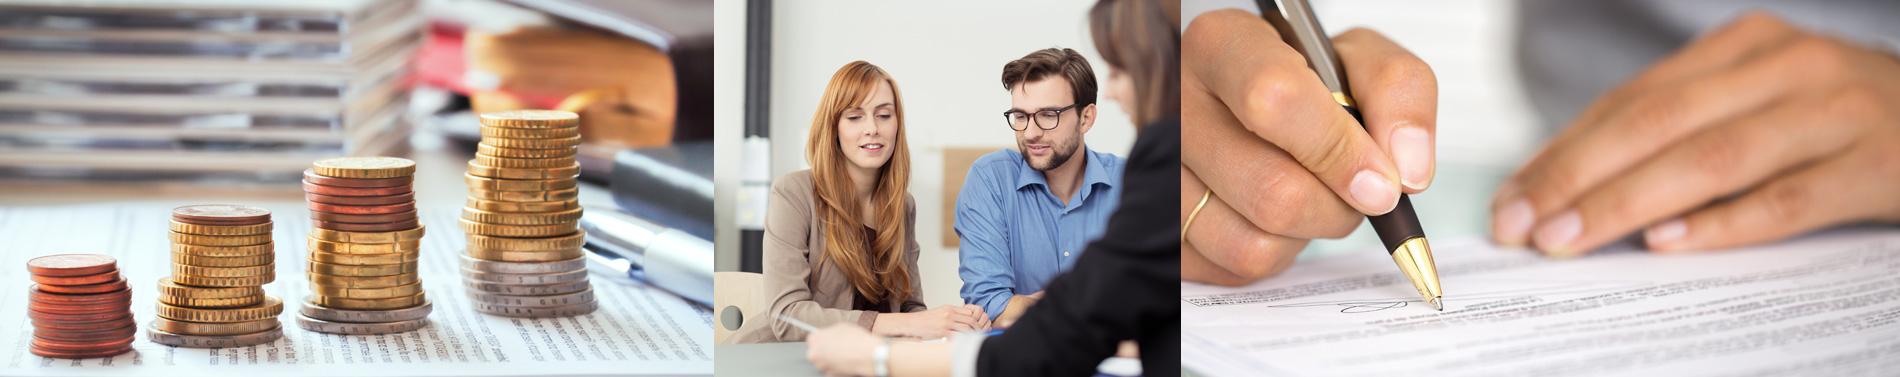 Fiscalité prêts hypothécaires